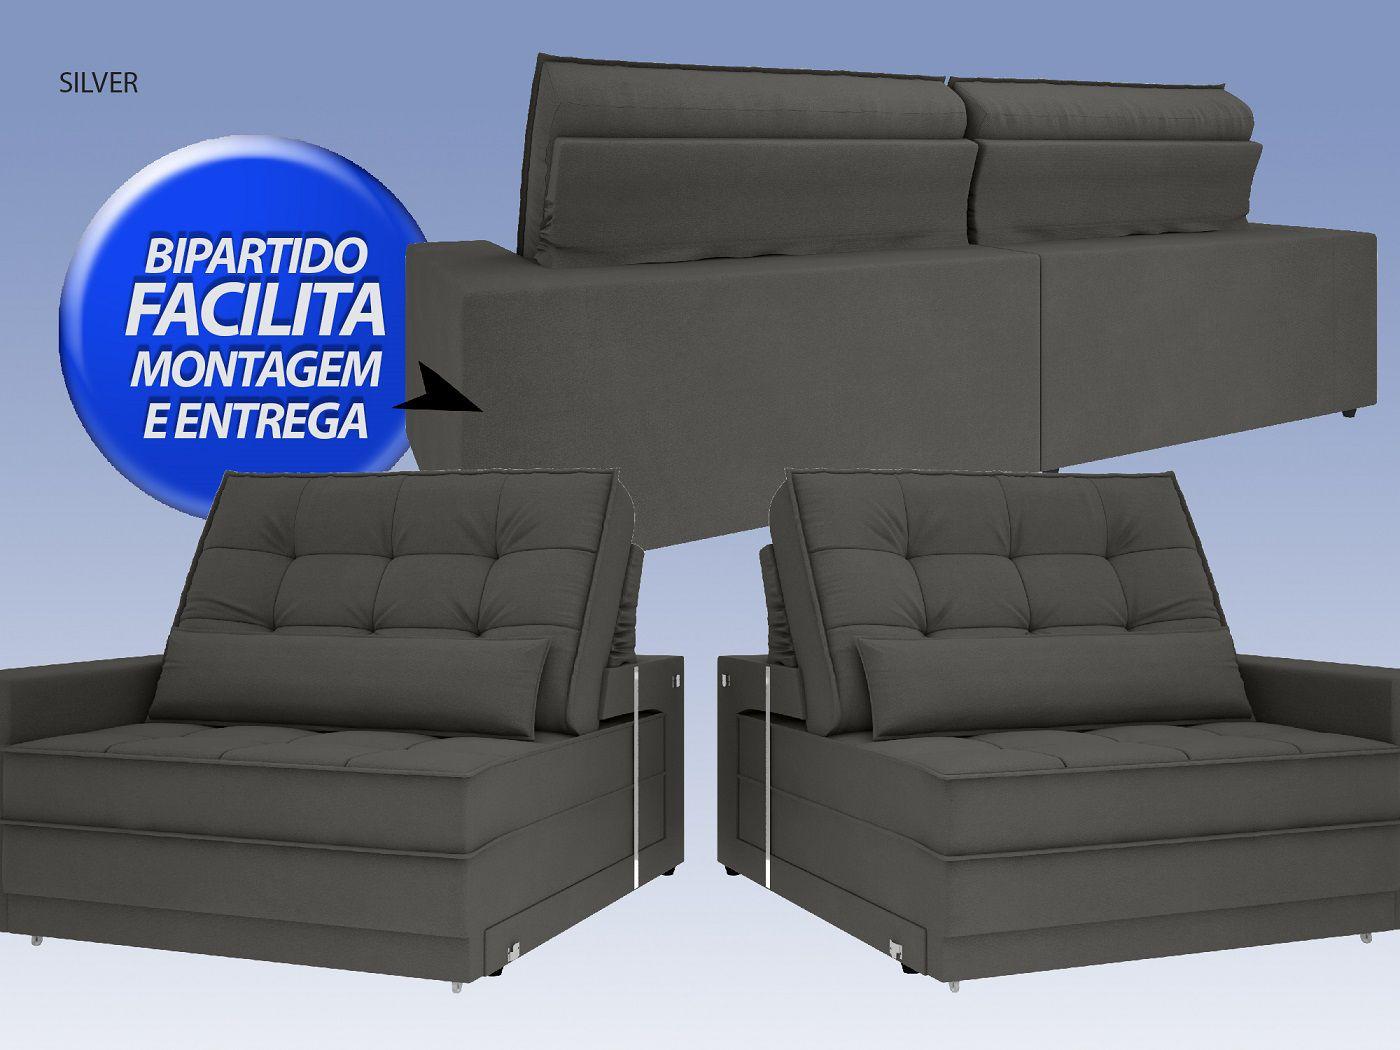 Sofá Silver 2,80m Retrátil e Reclinável Velosuede Cinza - NETSOFAS  - NETSOFÁS